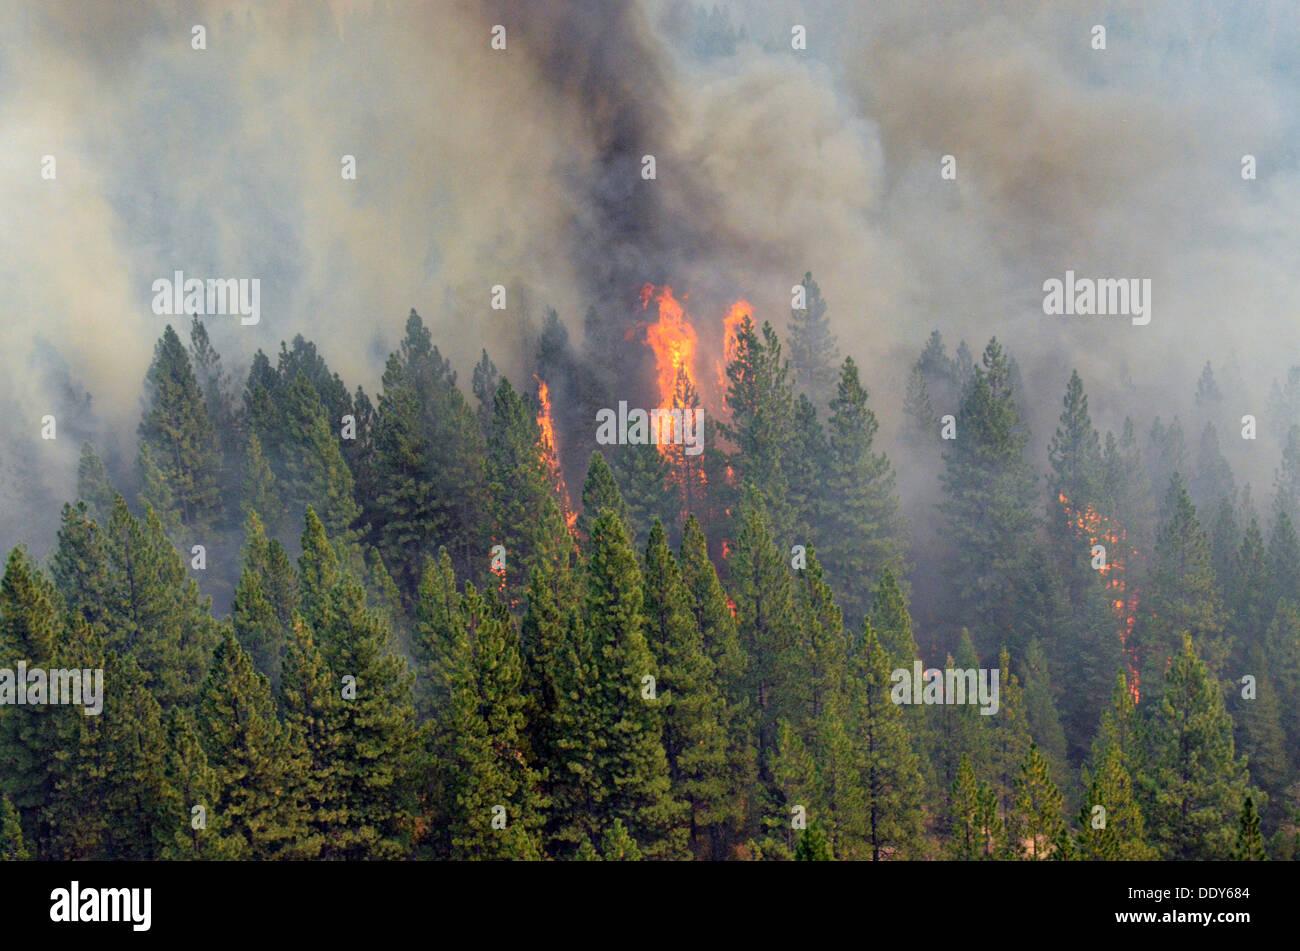 Flammen und Rauch aus dem Rim-Feuer weiter Wald 29. August 2013 in der Nähe von Yosemite, CA brennt. Stockbild